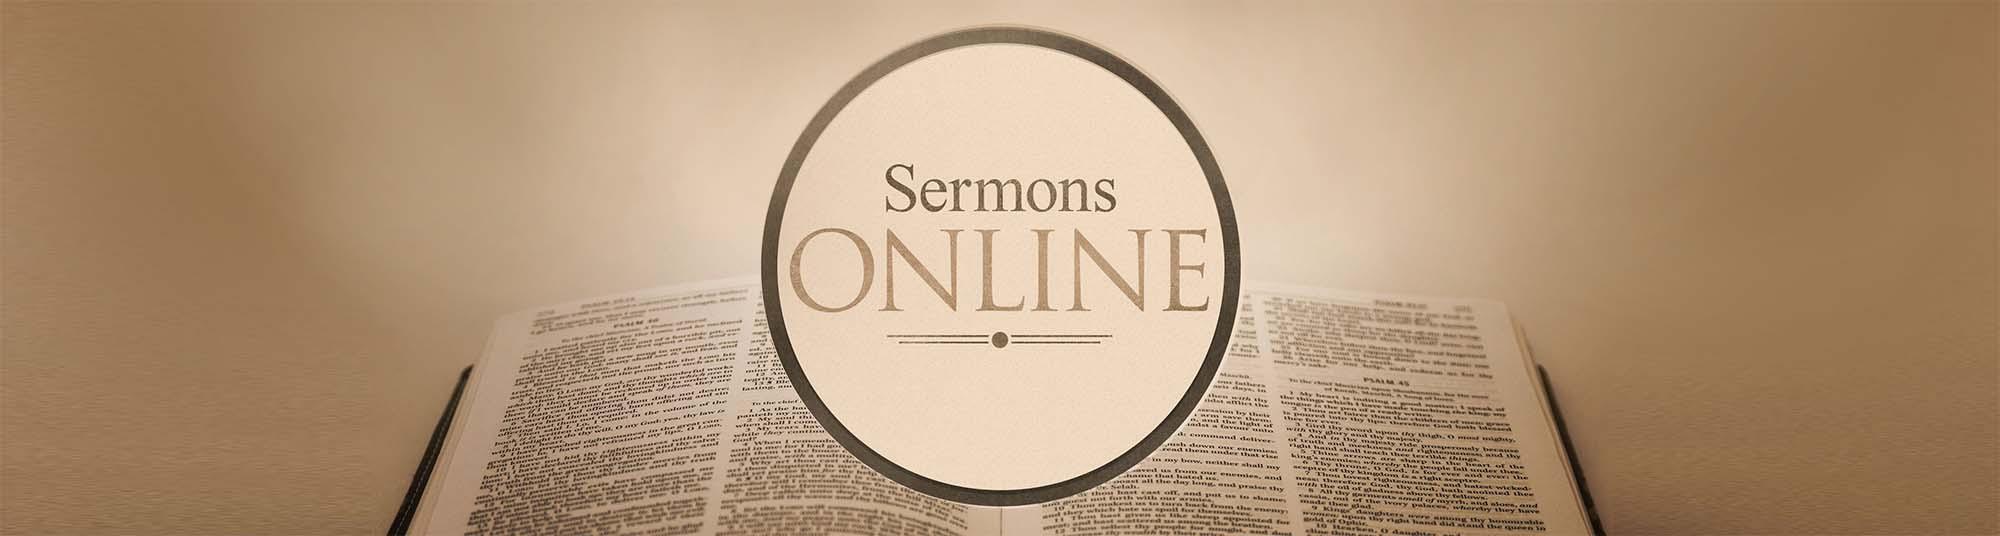 sermons3